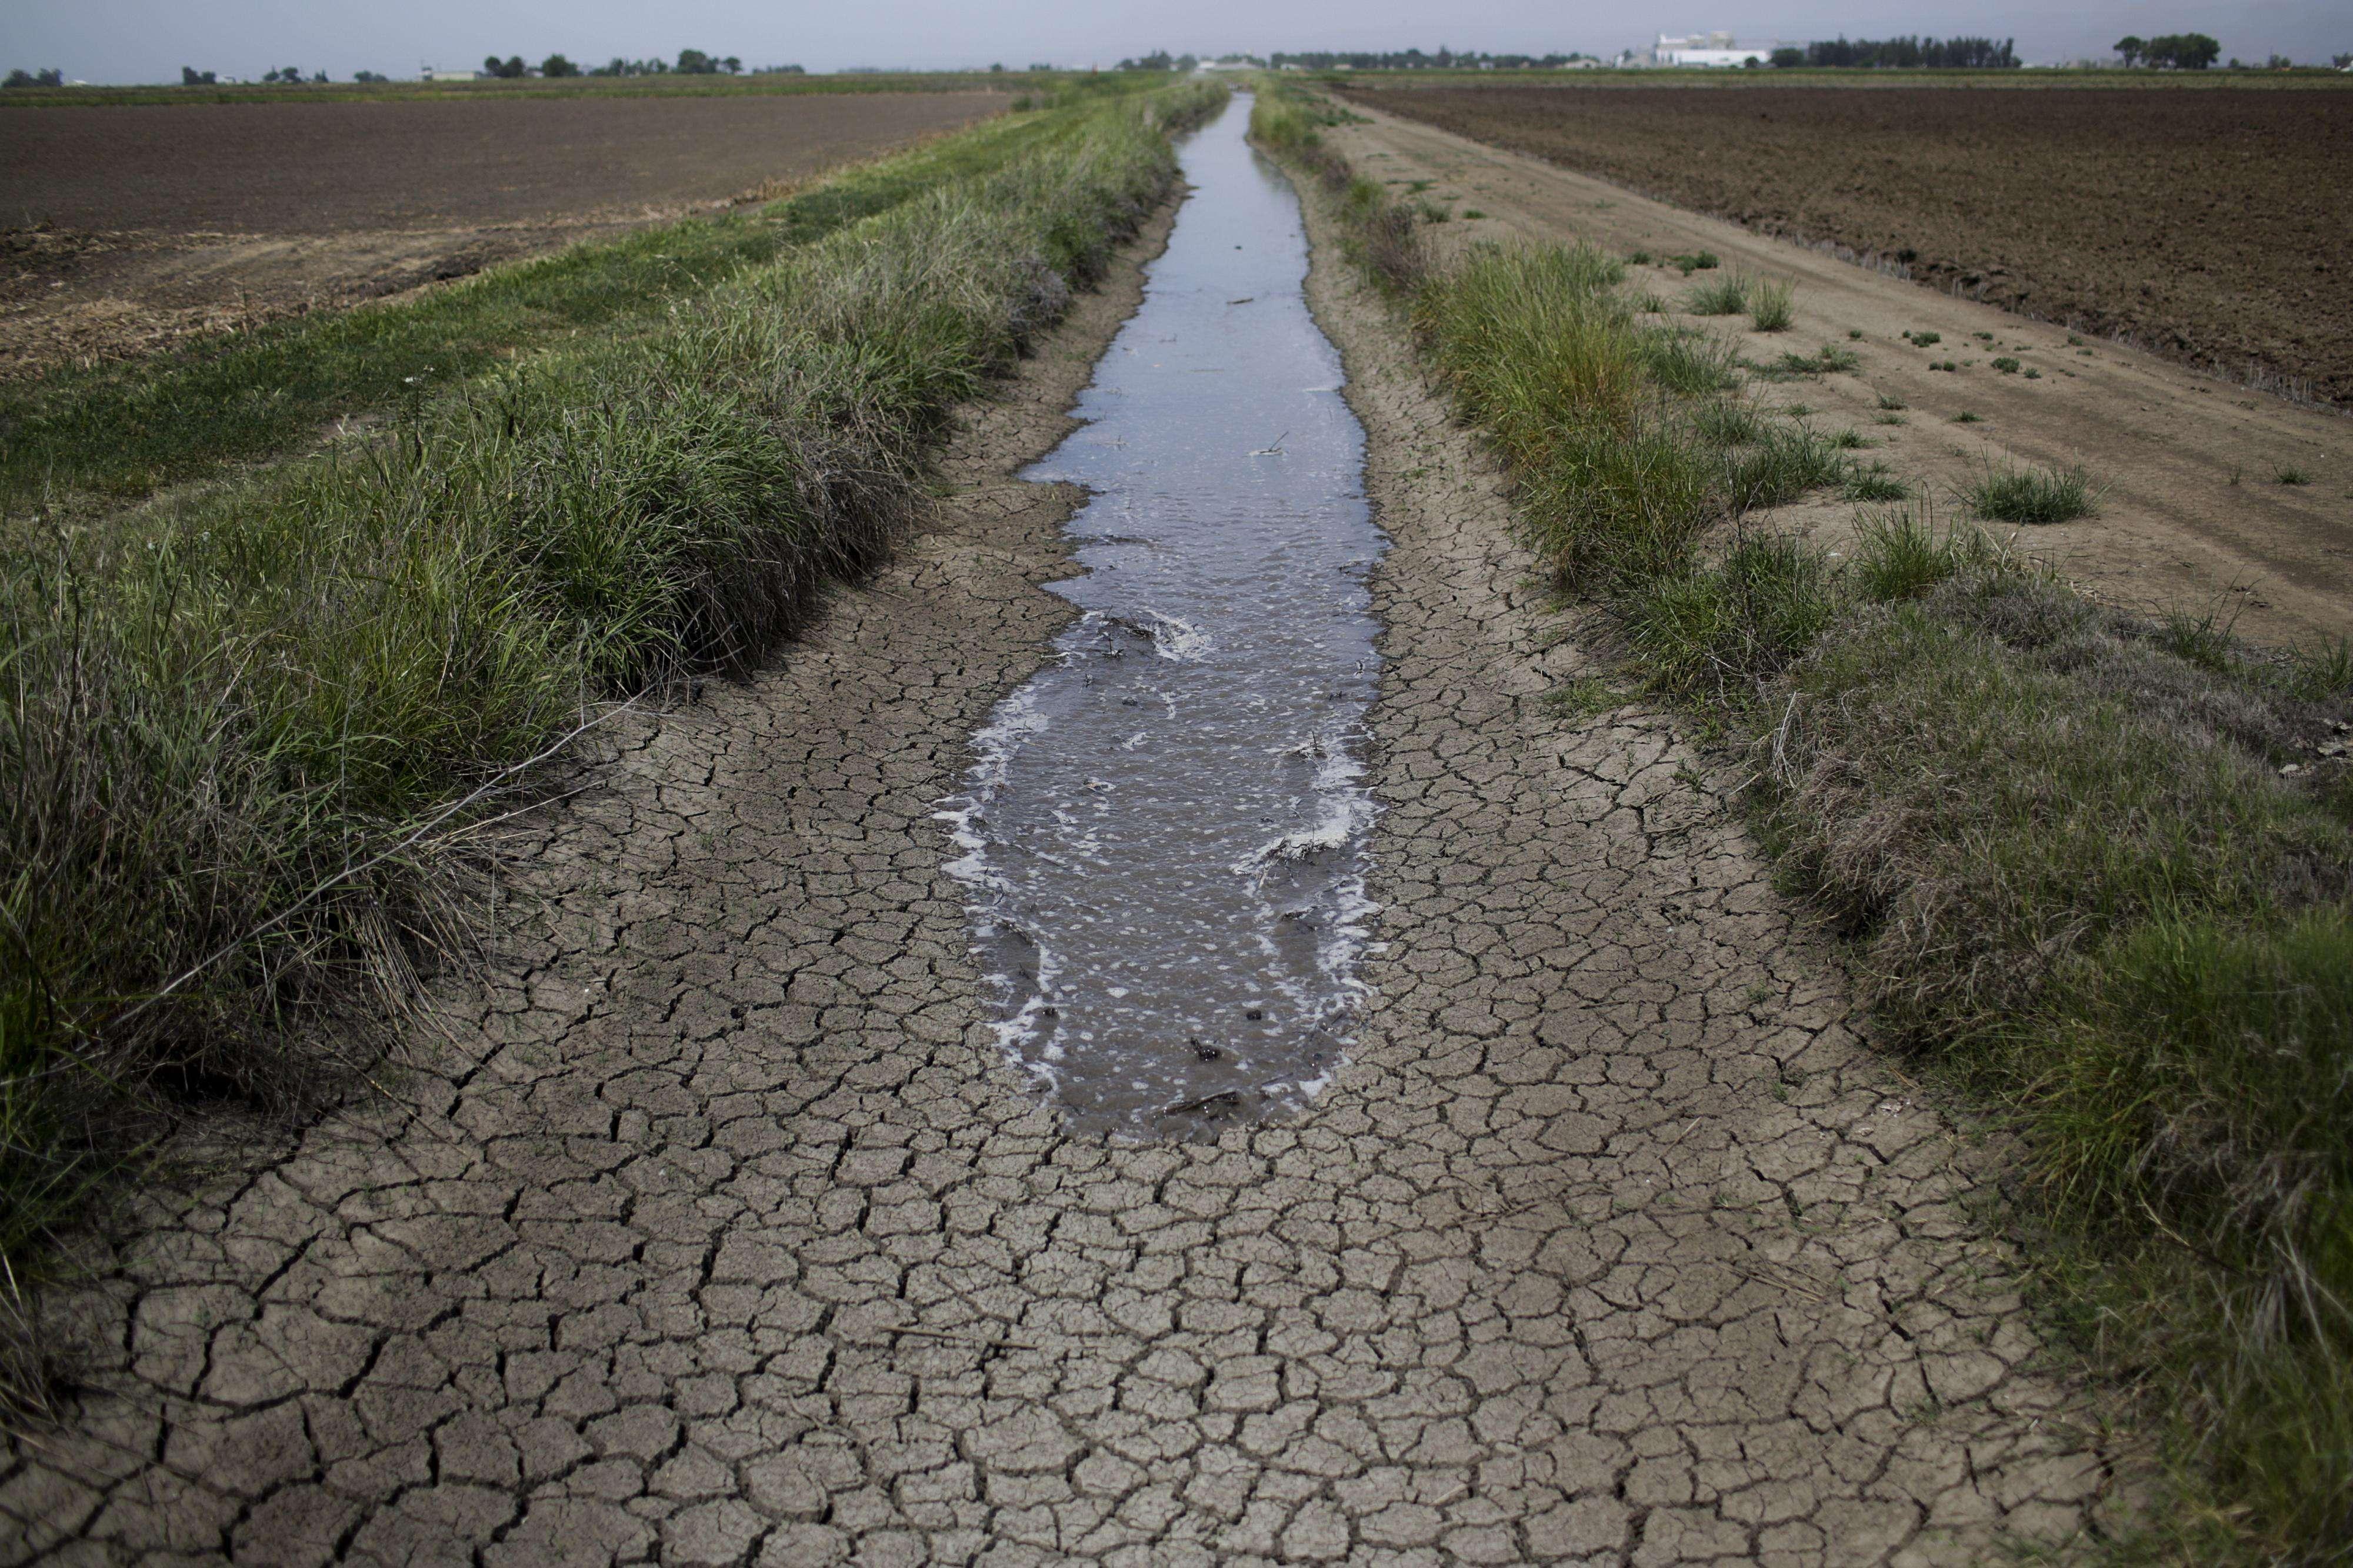 Jueves 1 de mayo.- Entre las granjas productoras de arroz, el agua de riego se extiende a lo largo de la zanja seca que sirve normalmente para proporcionar agua a los campos, en Richvale, California. La sequía asoló este año las zonas de cultivo y algunas áreas metropolitanas de California. Foto: Jae C. Hong/AP